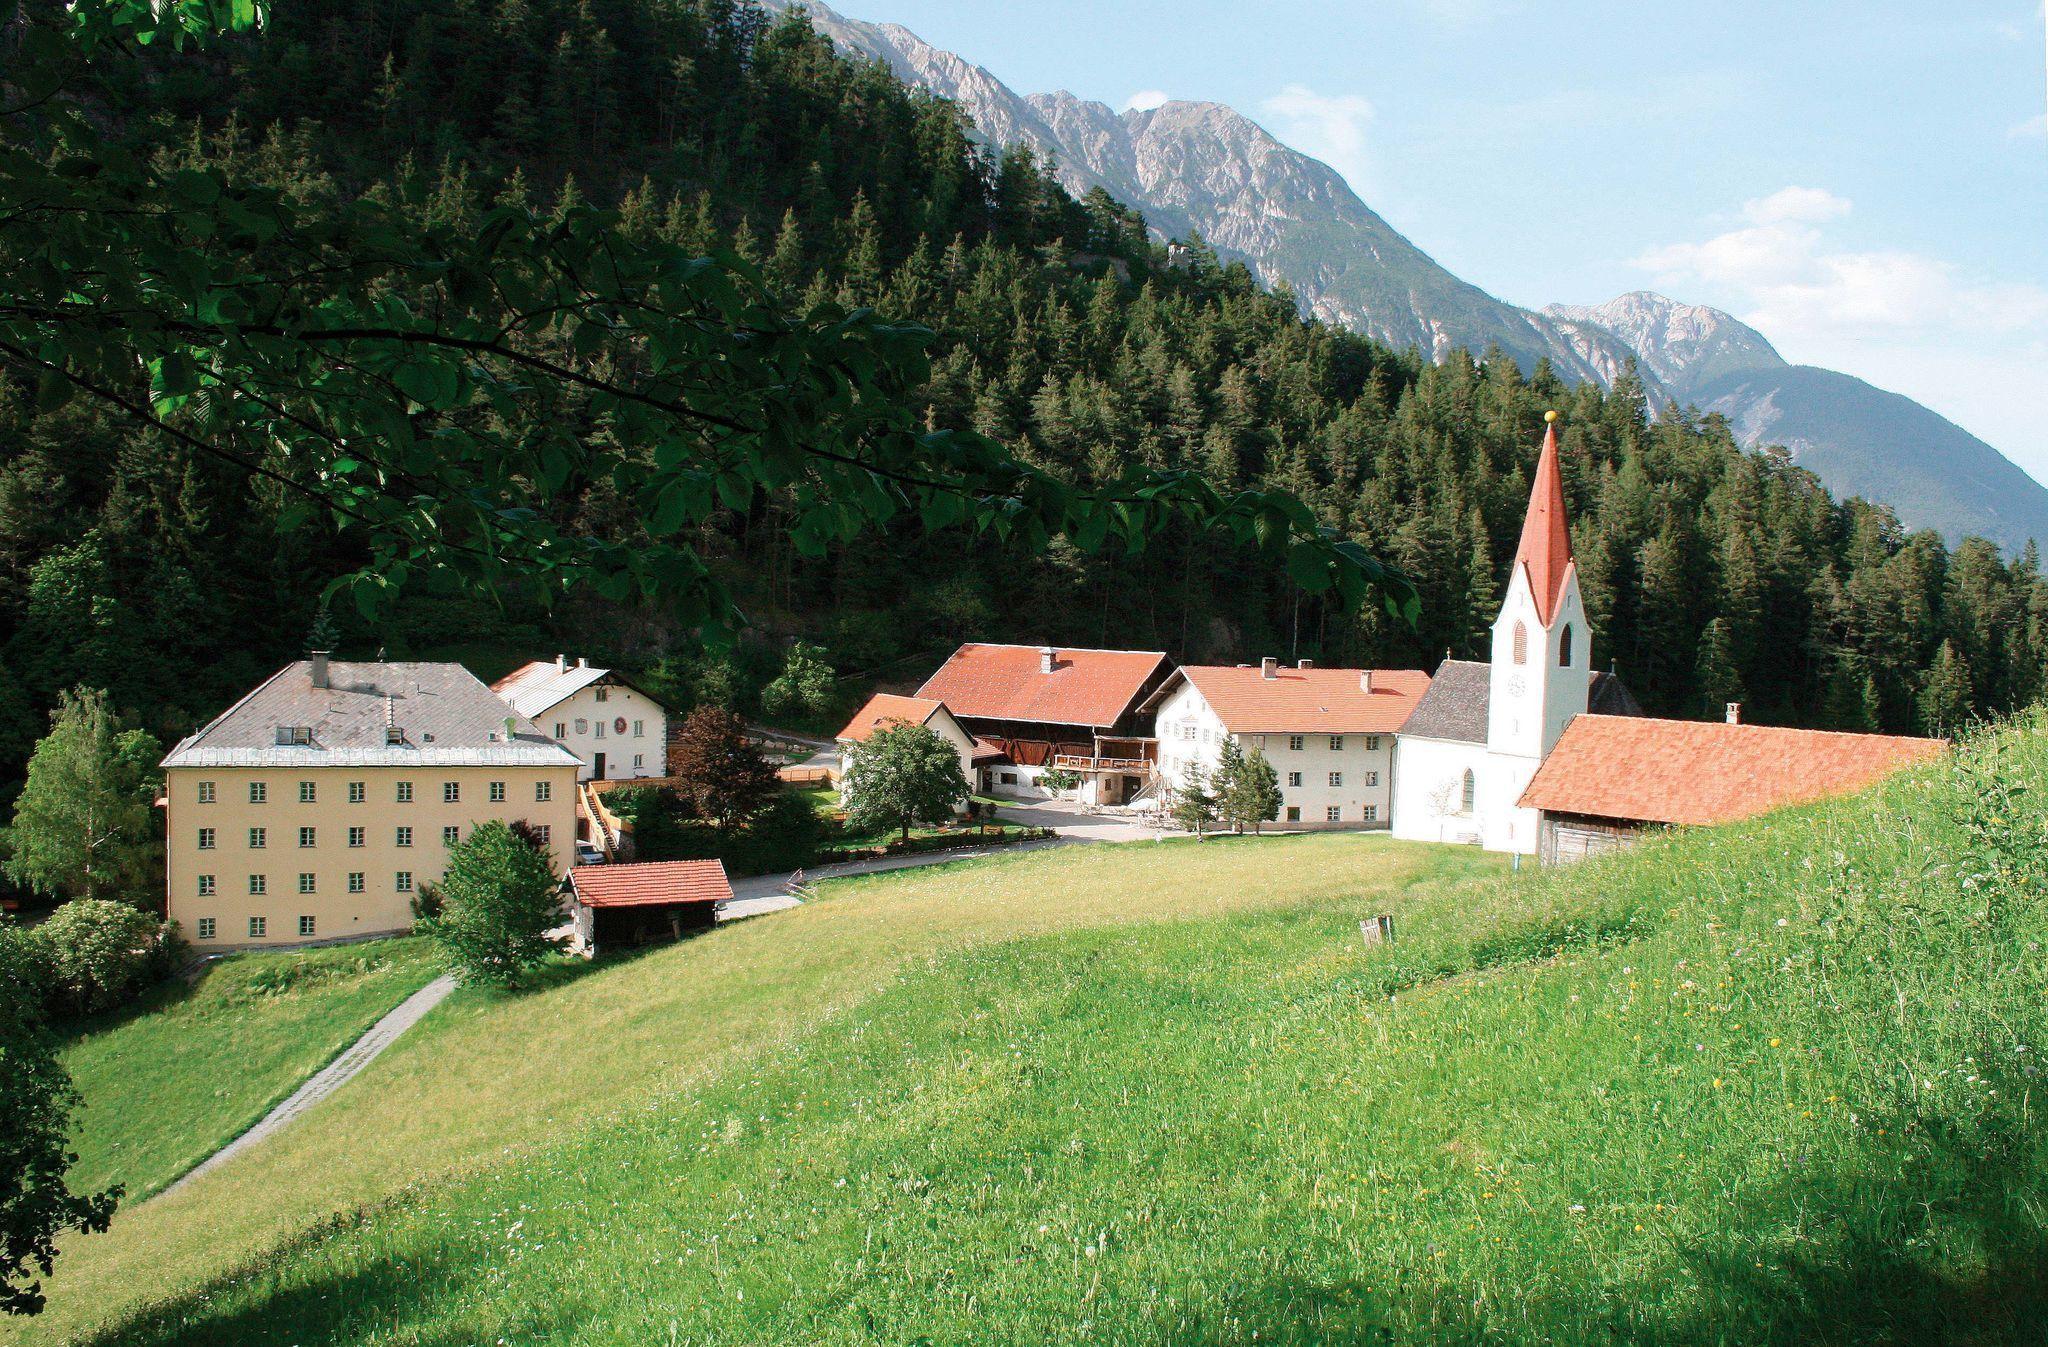 Kneippanlage Kronburg